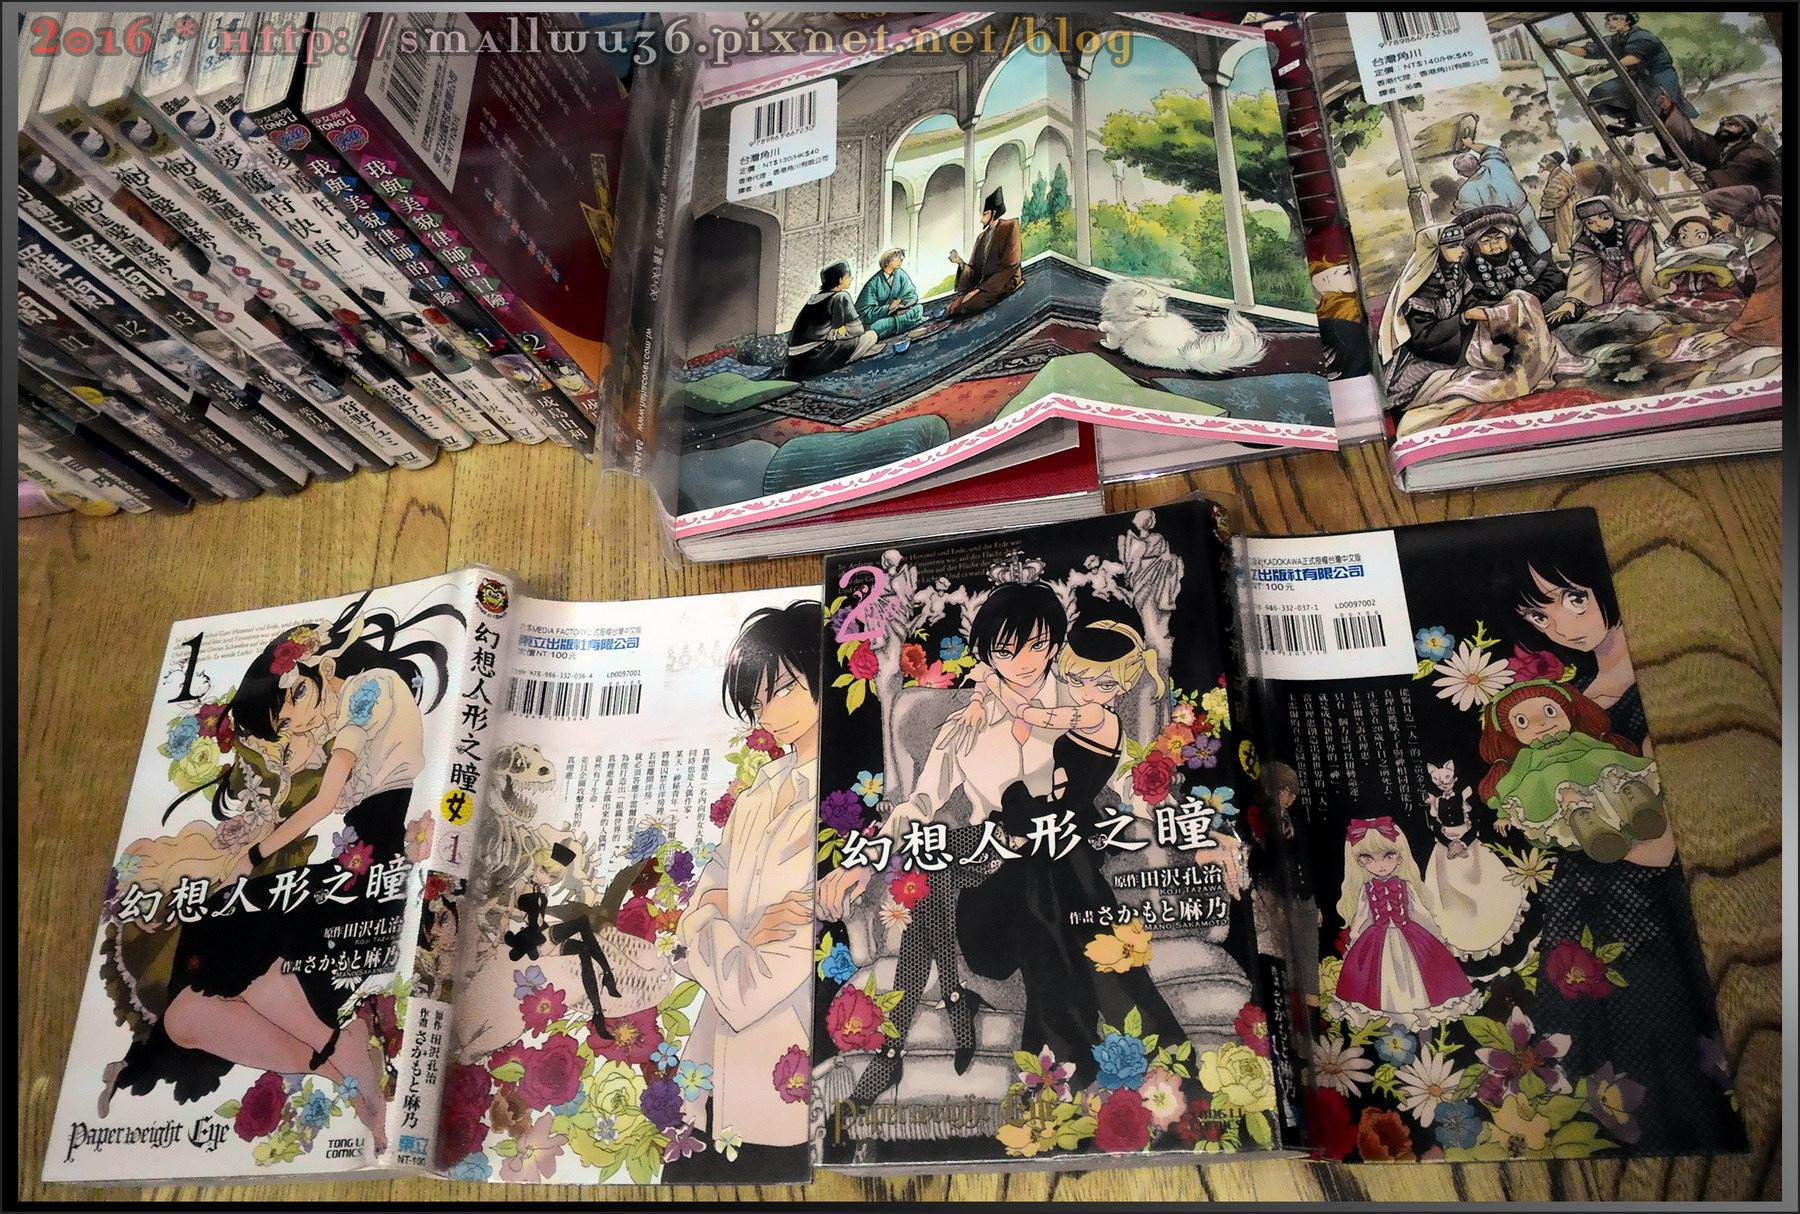 [感想] さかもと麻乃(漫畫)+田沢孔治(原作)《幻想人形之瞳》全 2 集,東立.jpg